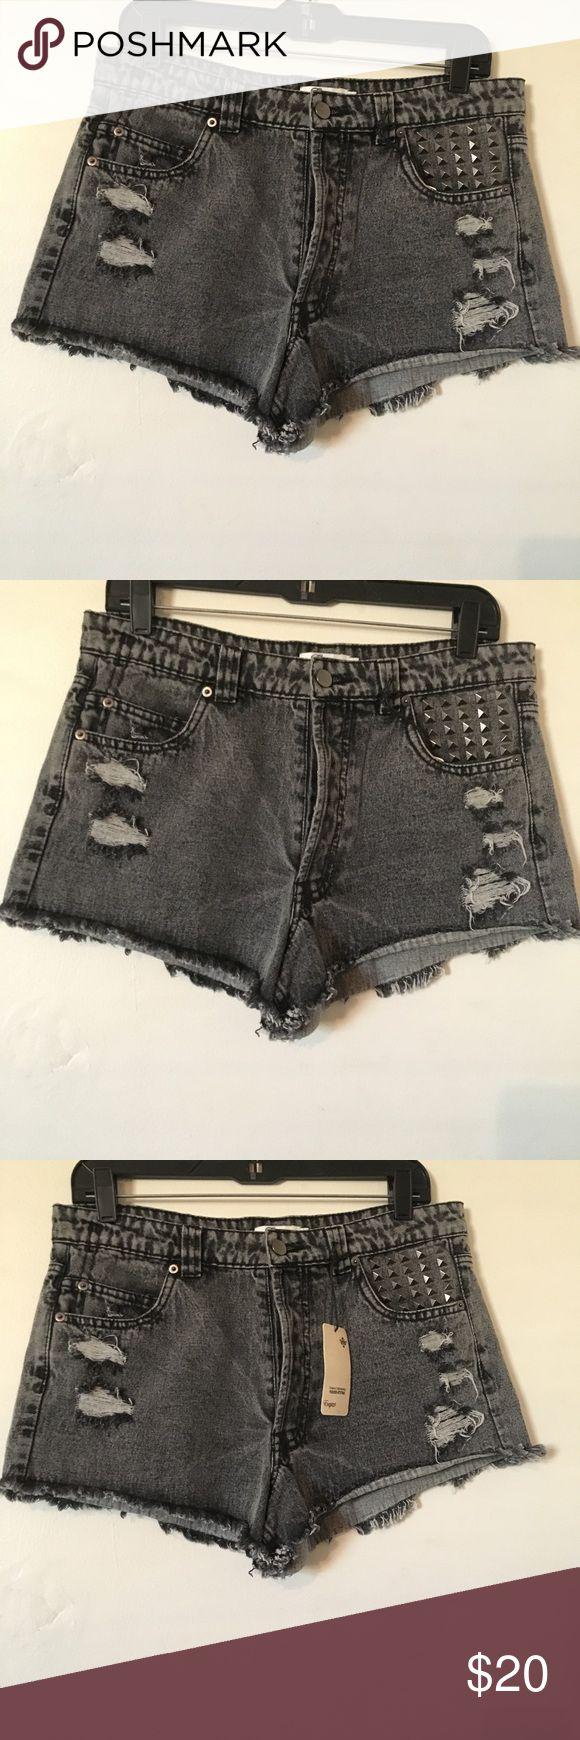 Distressed black acid washed shorts size large NWT black acid washed short. Has distressing studs and fraying size large Shorts